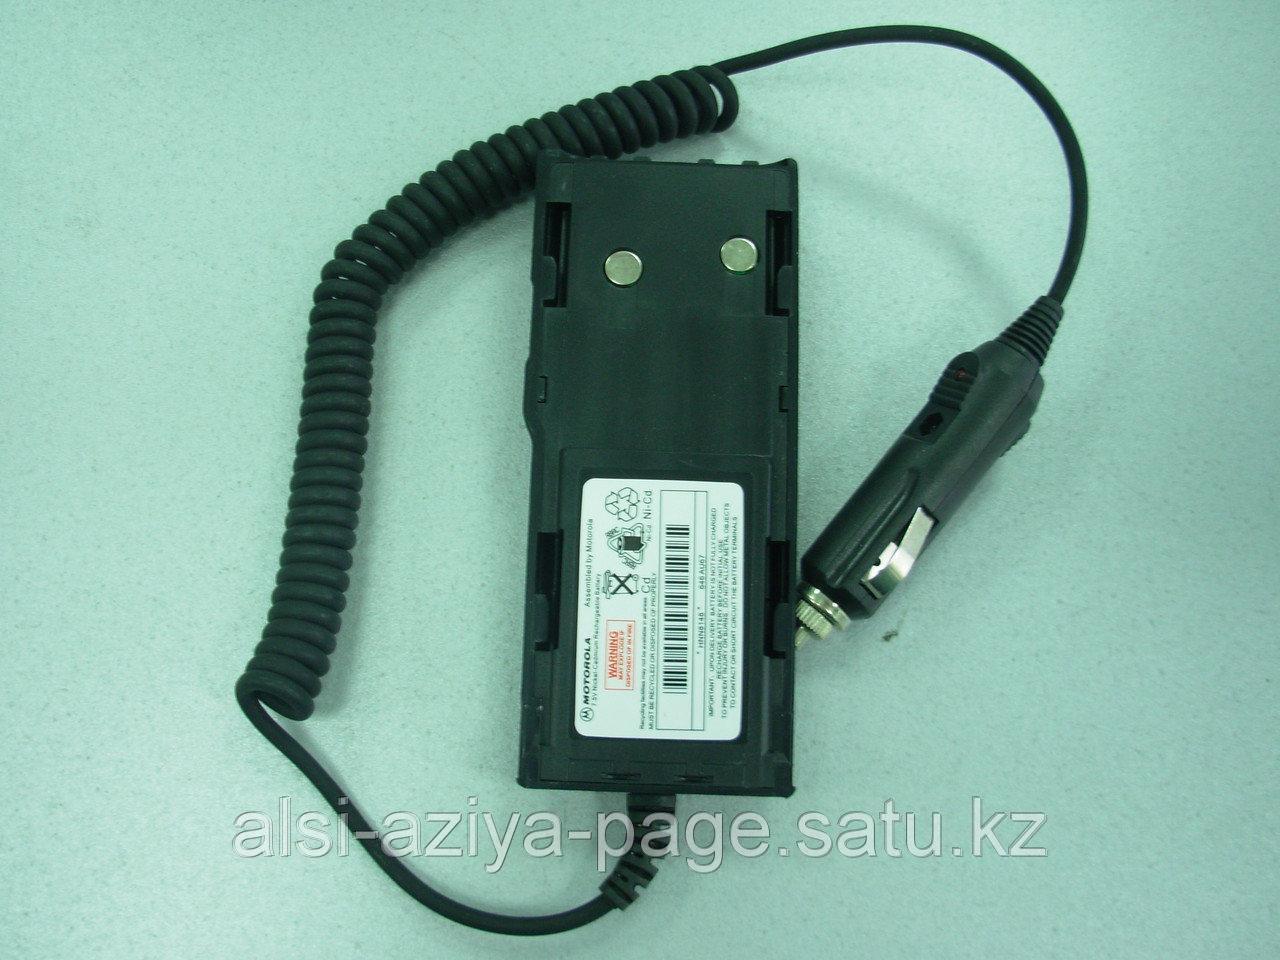 Адаптер BE300 для питания motorola GP300 от прикуривателя